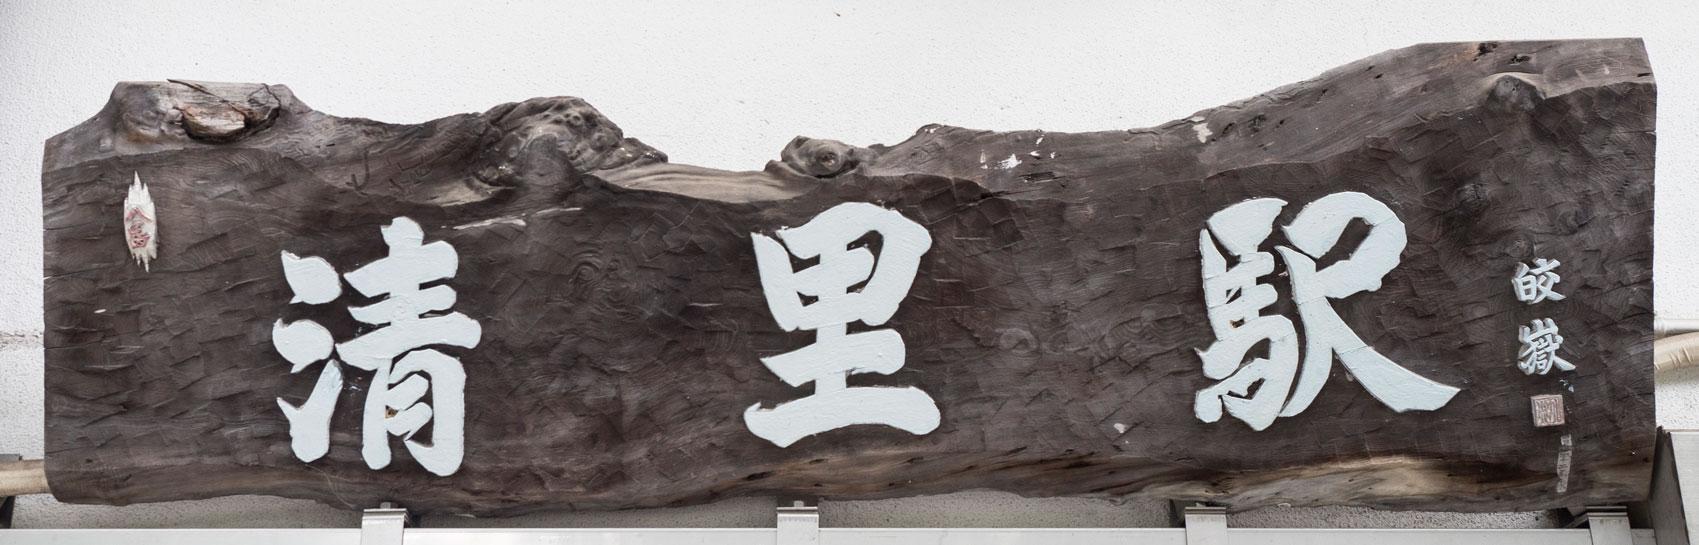 2017-08-07-jp-kiyosato-signboard.jpg